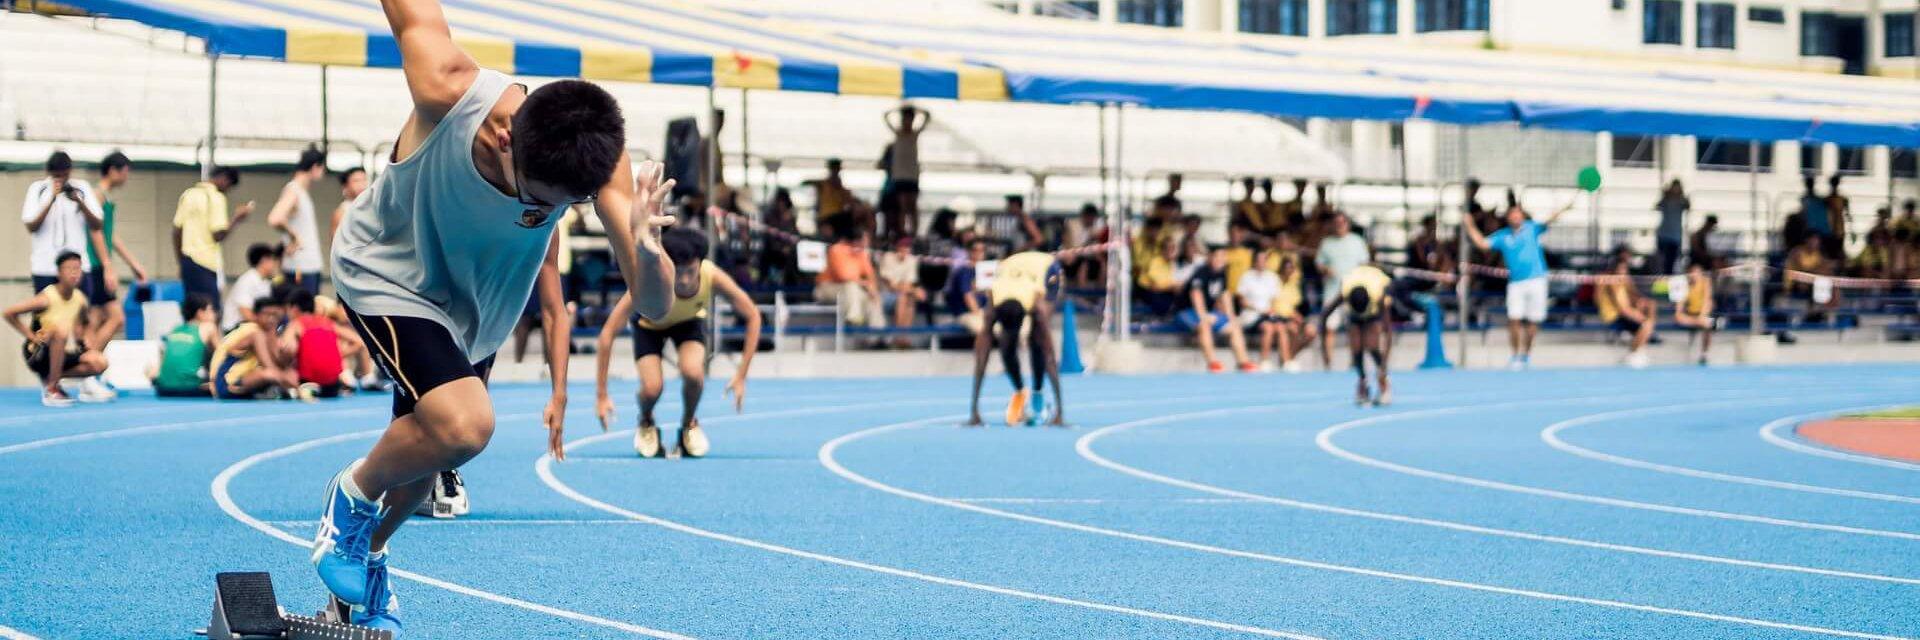 Sprinter am Start